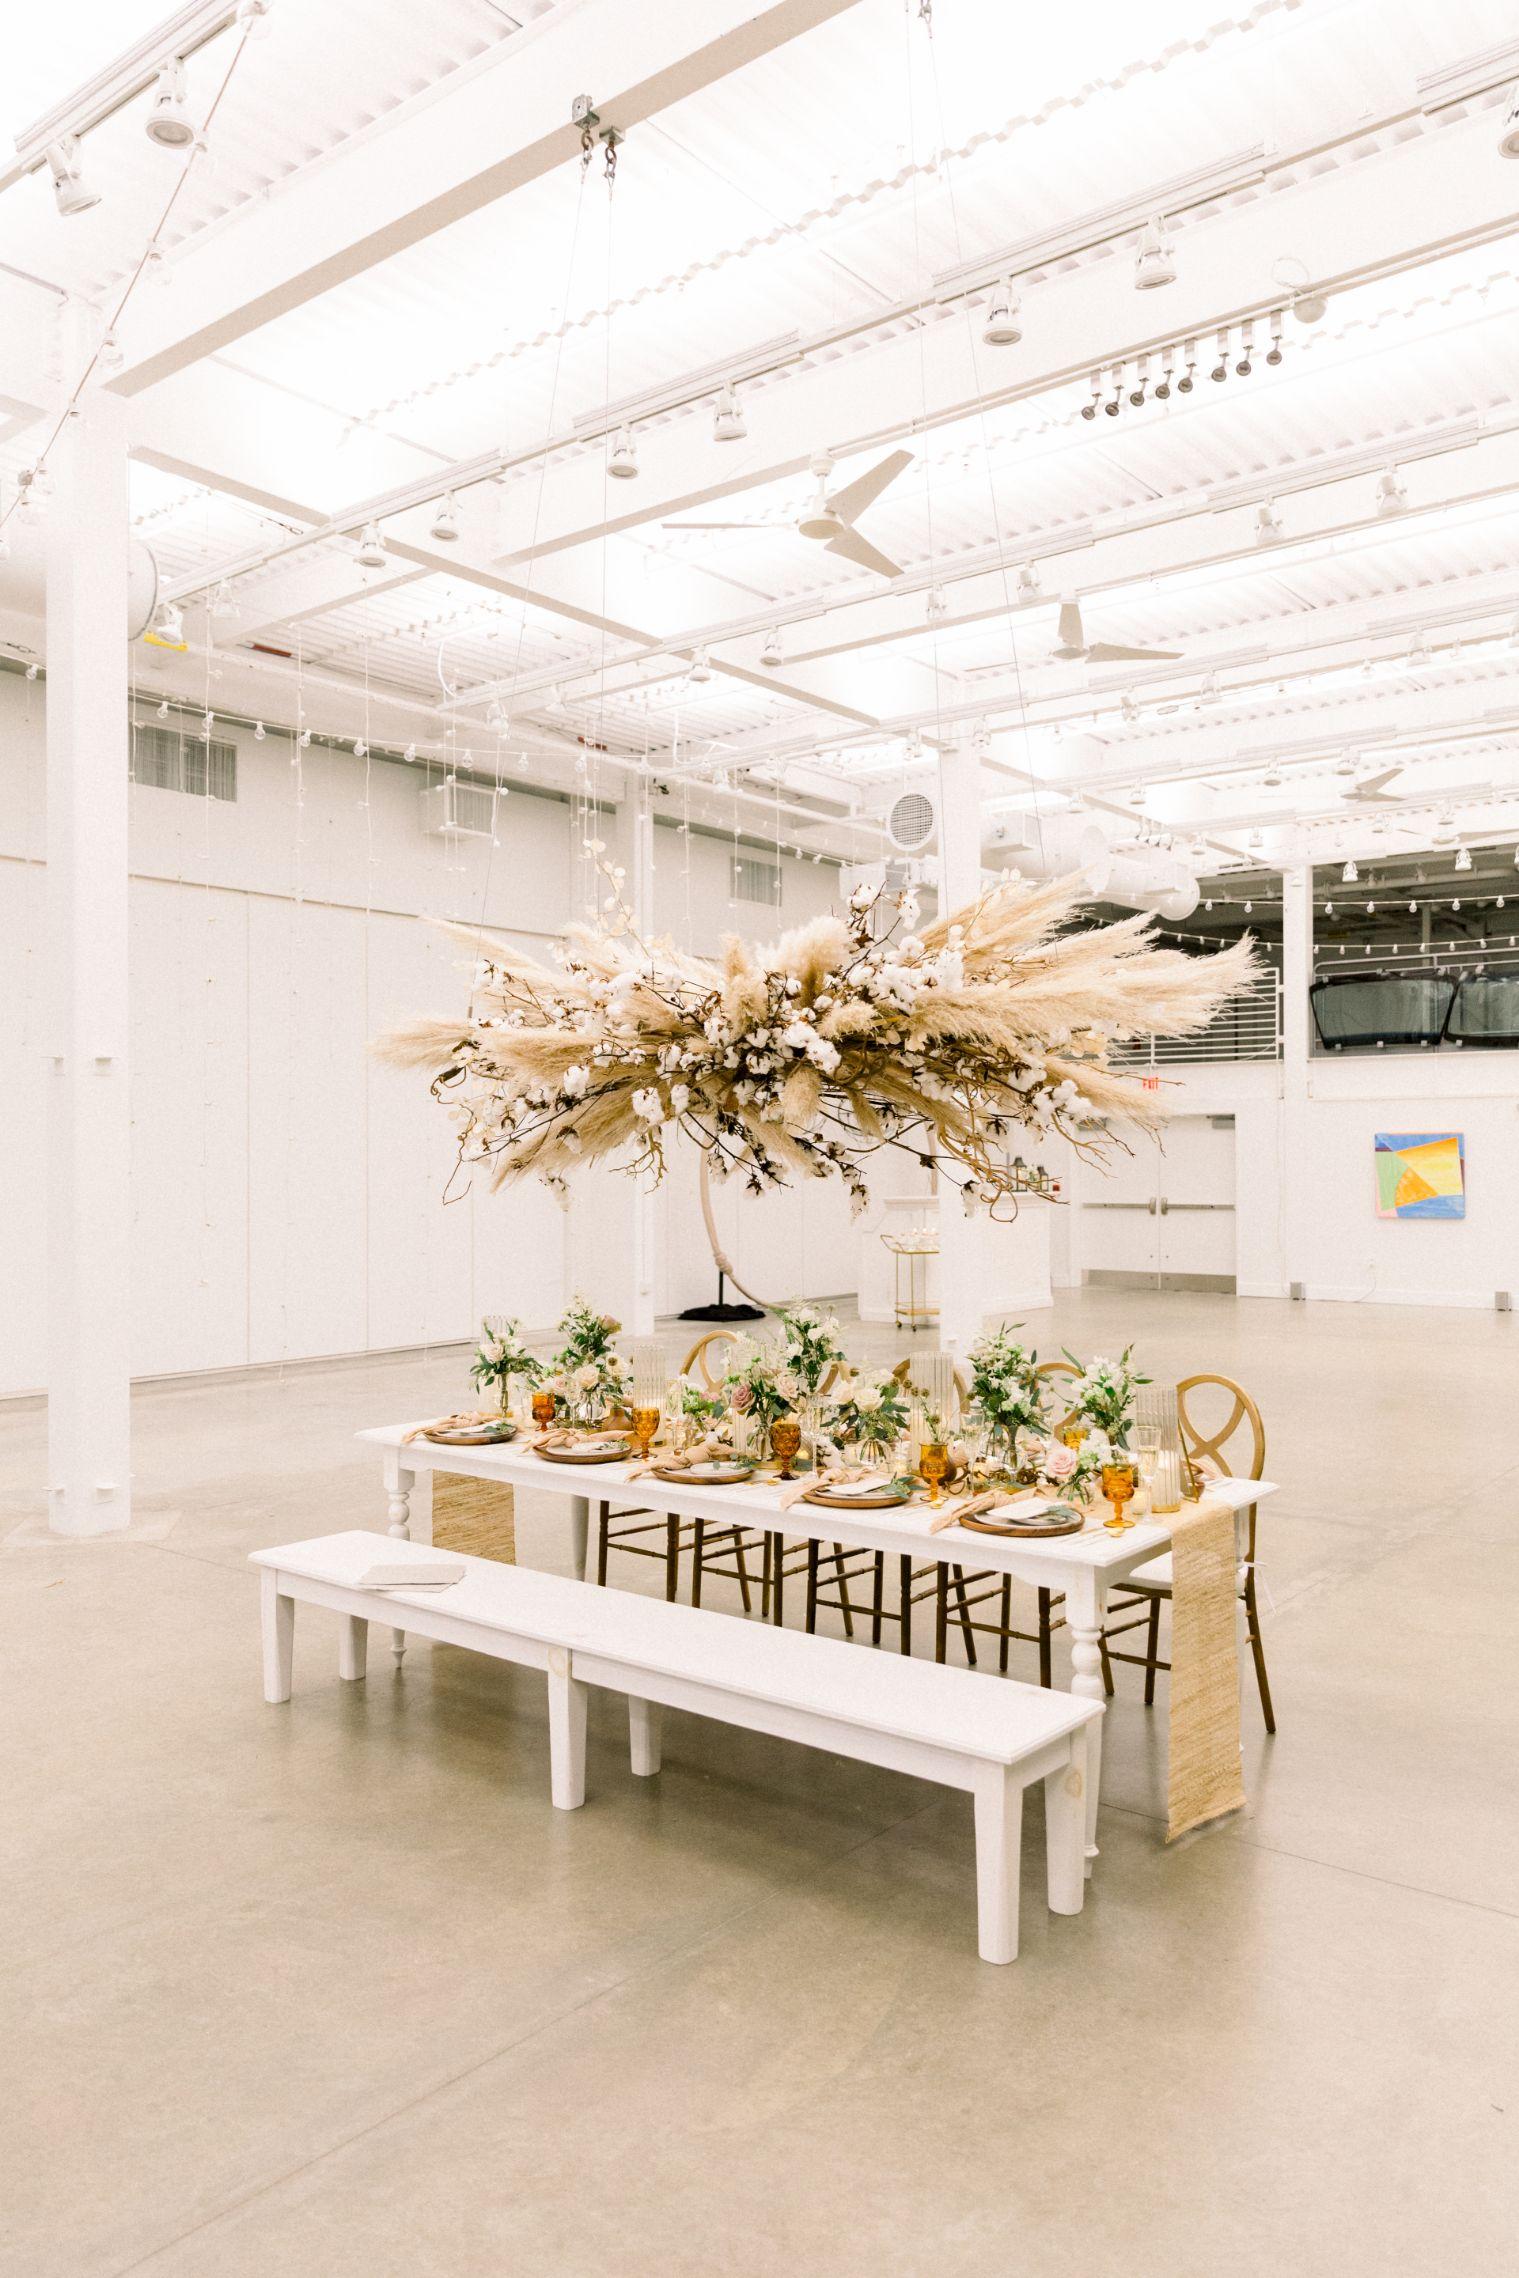 artists-for-humanity-industrial-bohemian-wedding-daylynn-designs212.jpg